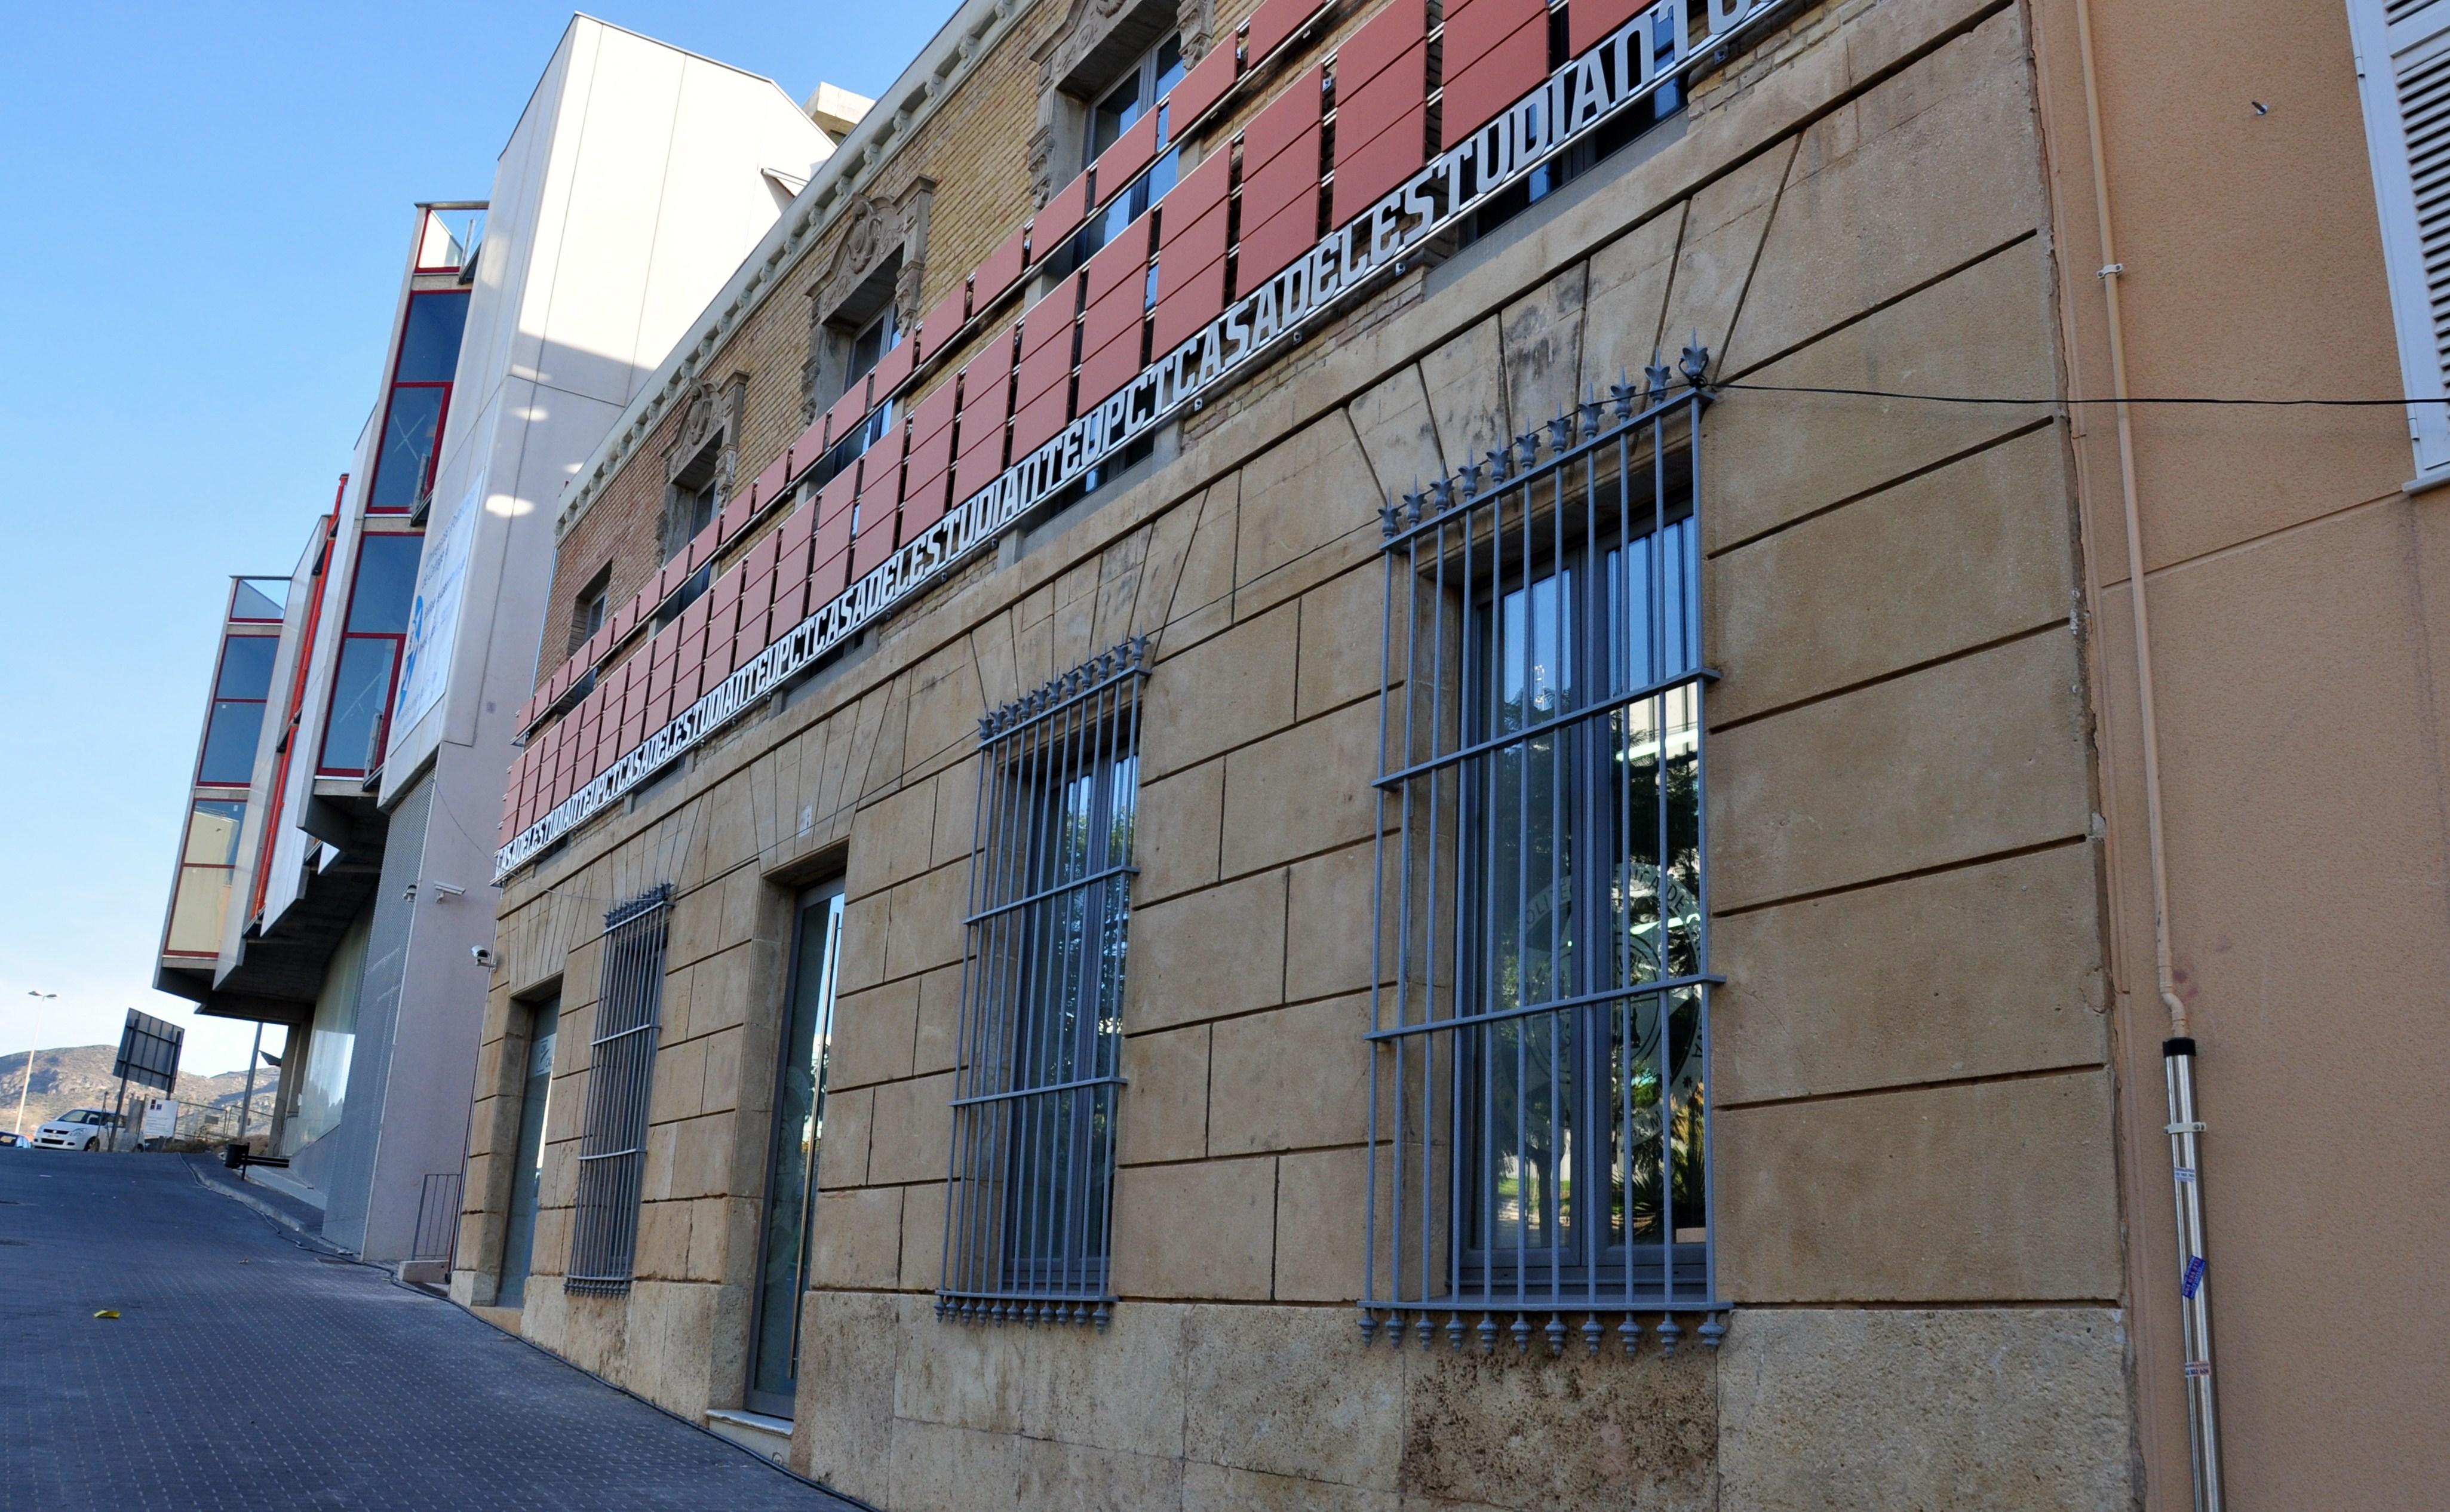 Horario De Verano Del Punto De Información Y Préstamo De La Casa Del Estudiante (2017)